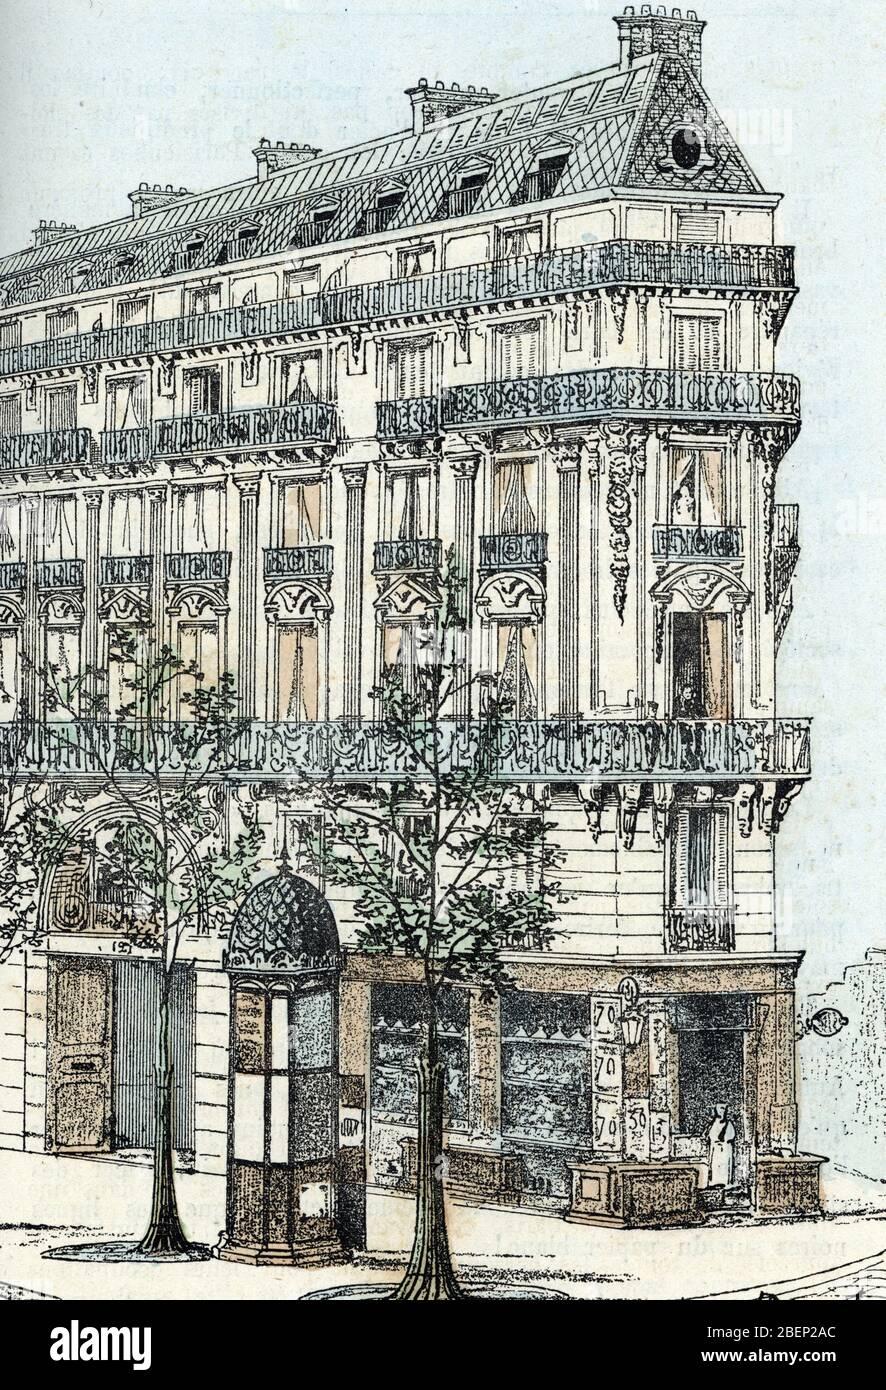 Vue d'une habitation parisienne de type haussmannien, immeuble cossu (edificio Haussmann a Parigi) gravure tiree de 'Les besoins de la vie' de Rengade Foto Stock